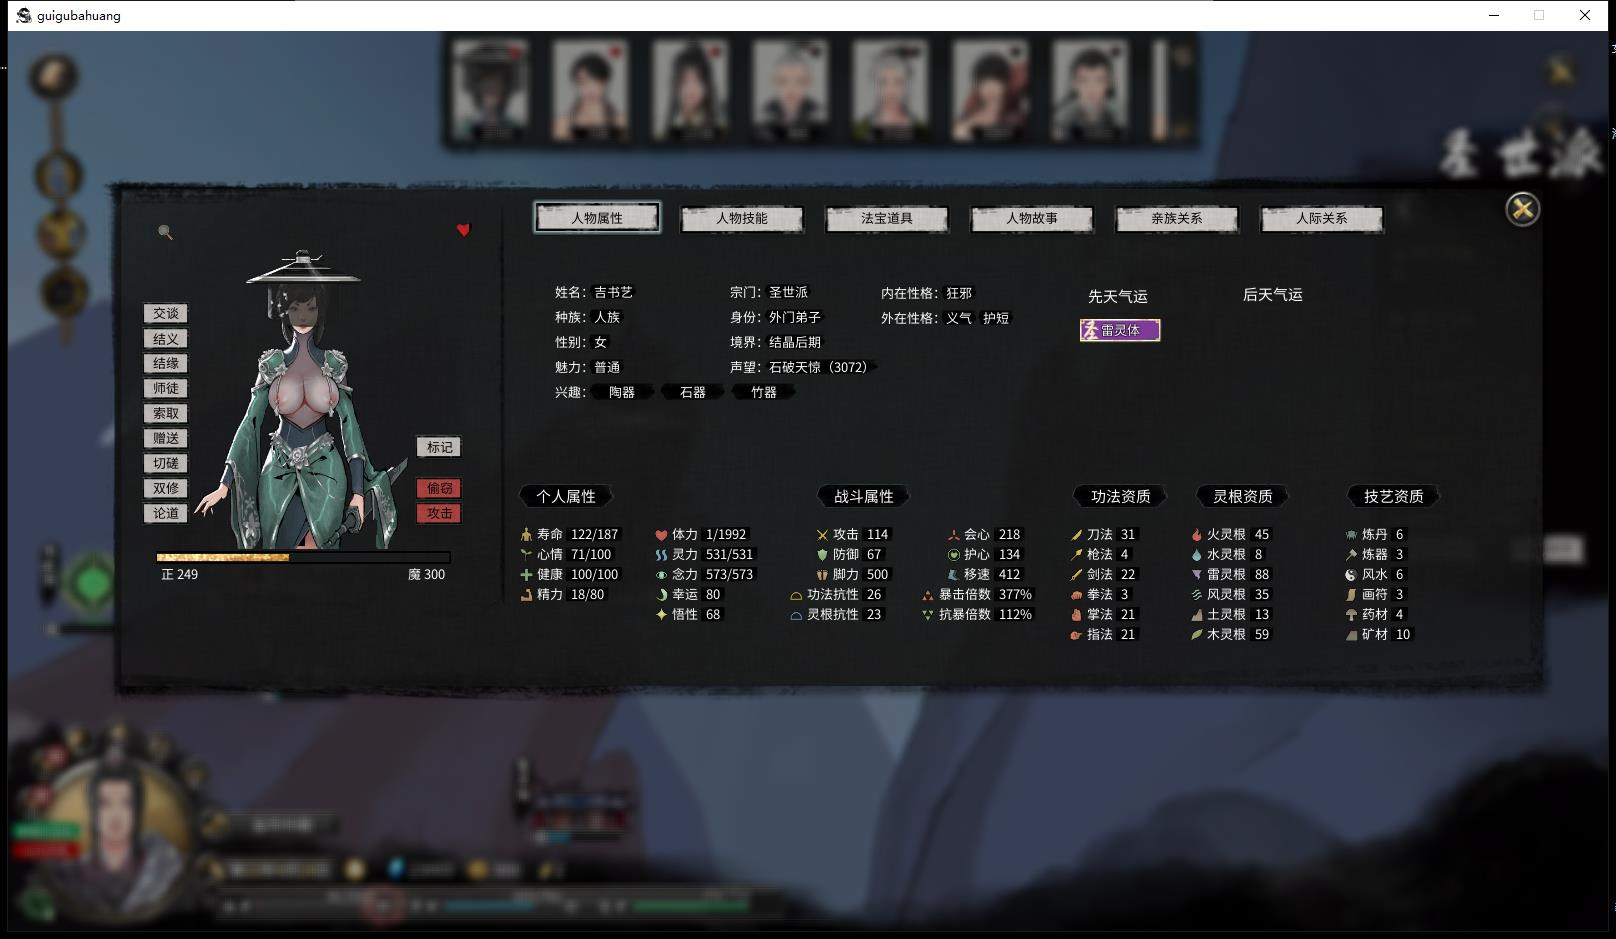 鬼谷八荒绅士版V0.8. 2011 加5种修改器 一个初始档 电脑端-第3张